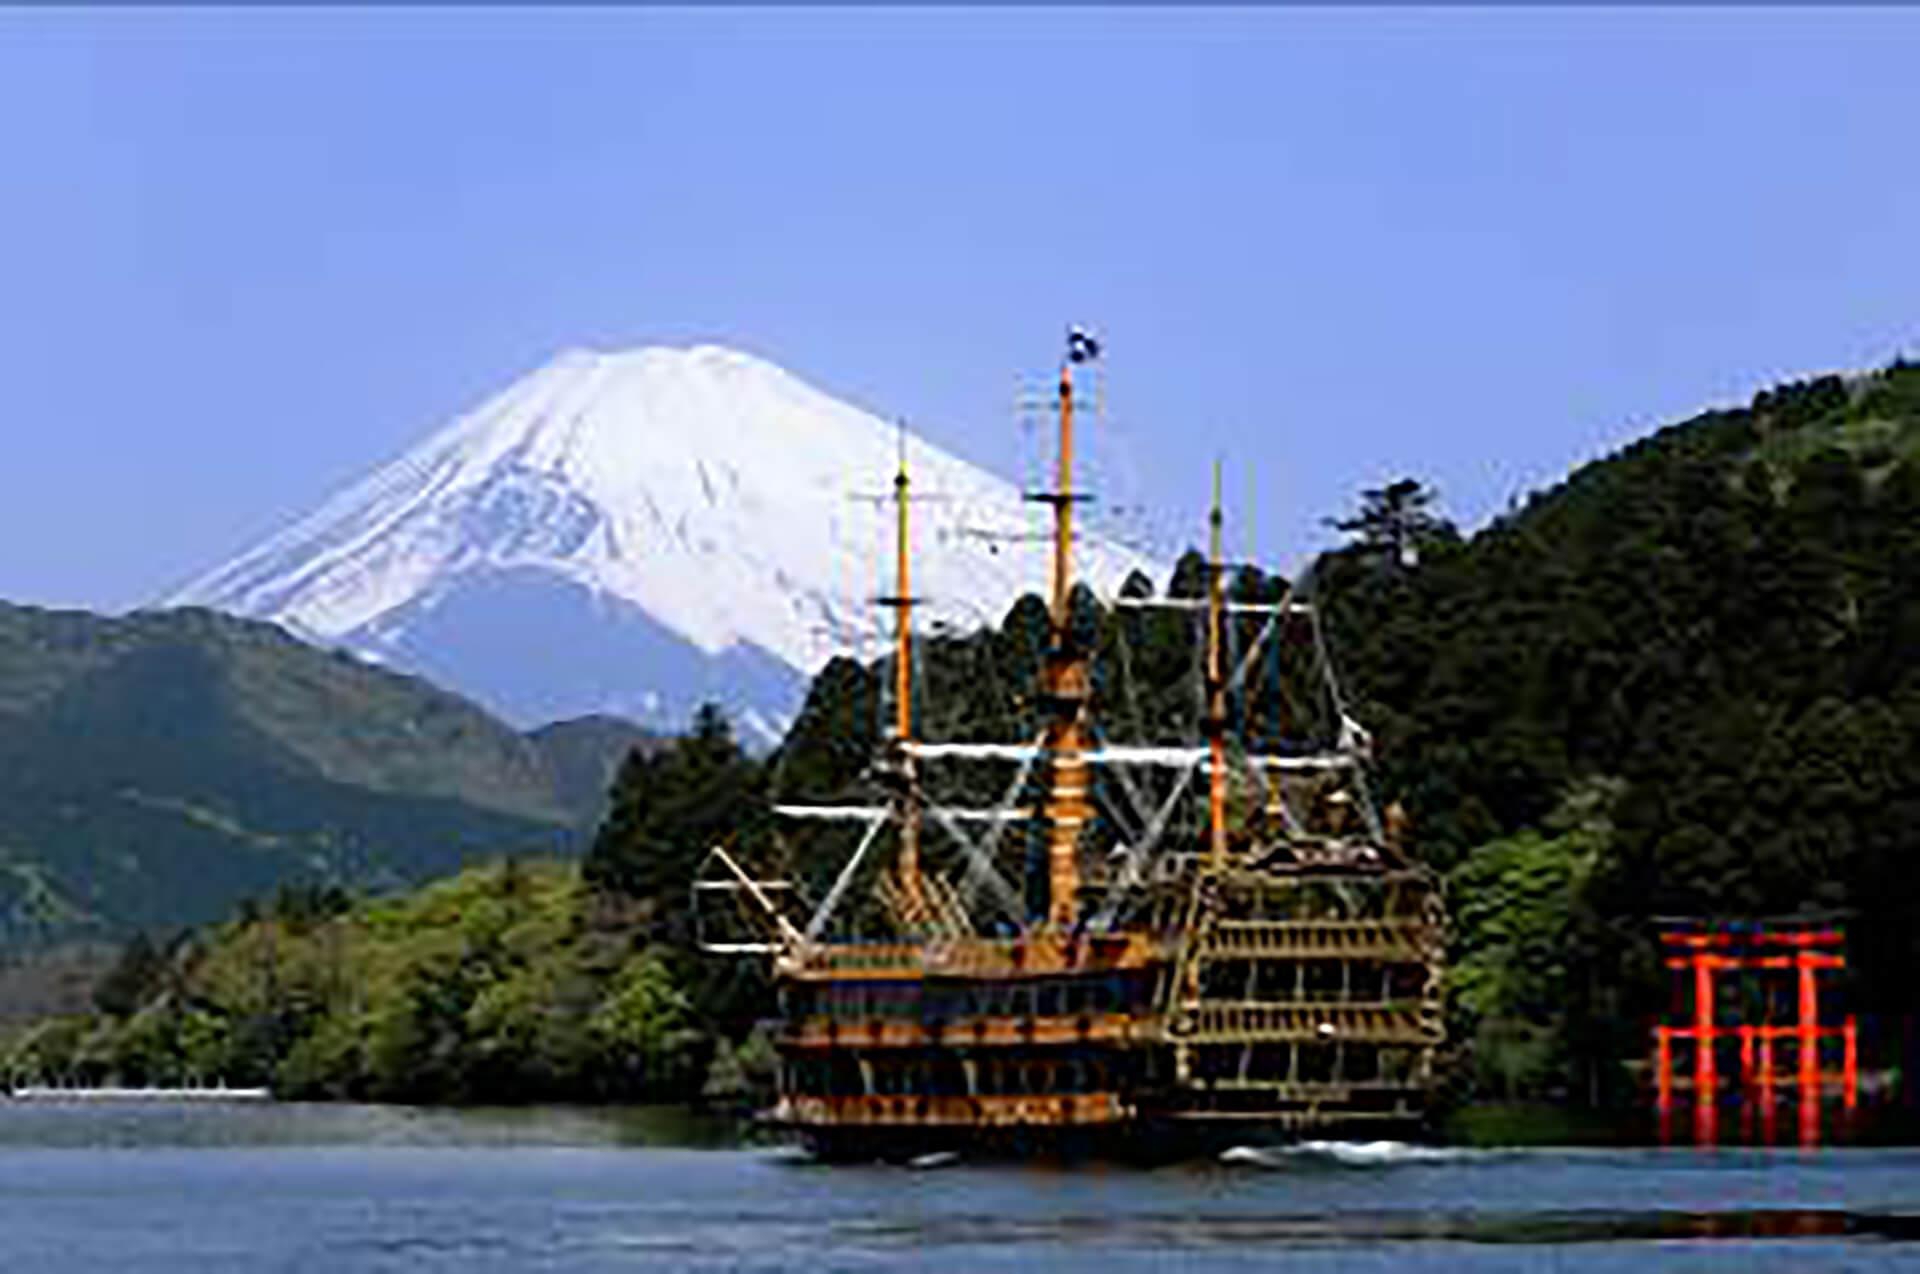 海賊船「ビクトリー号」